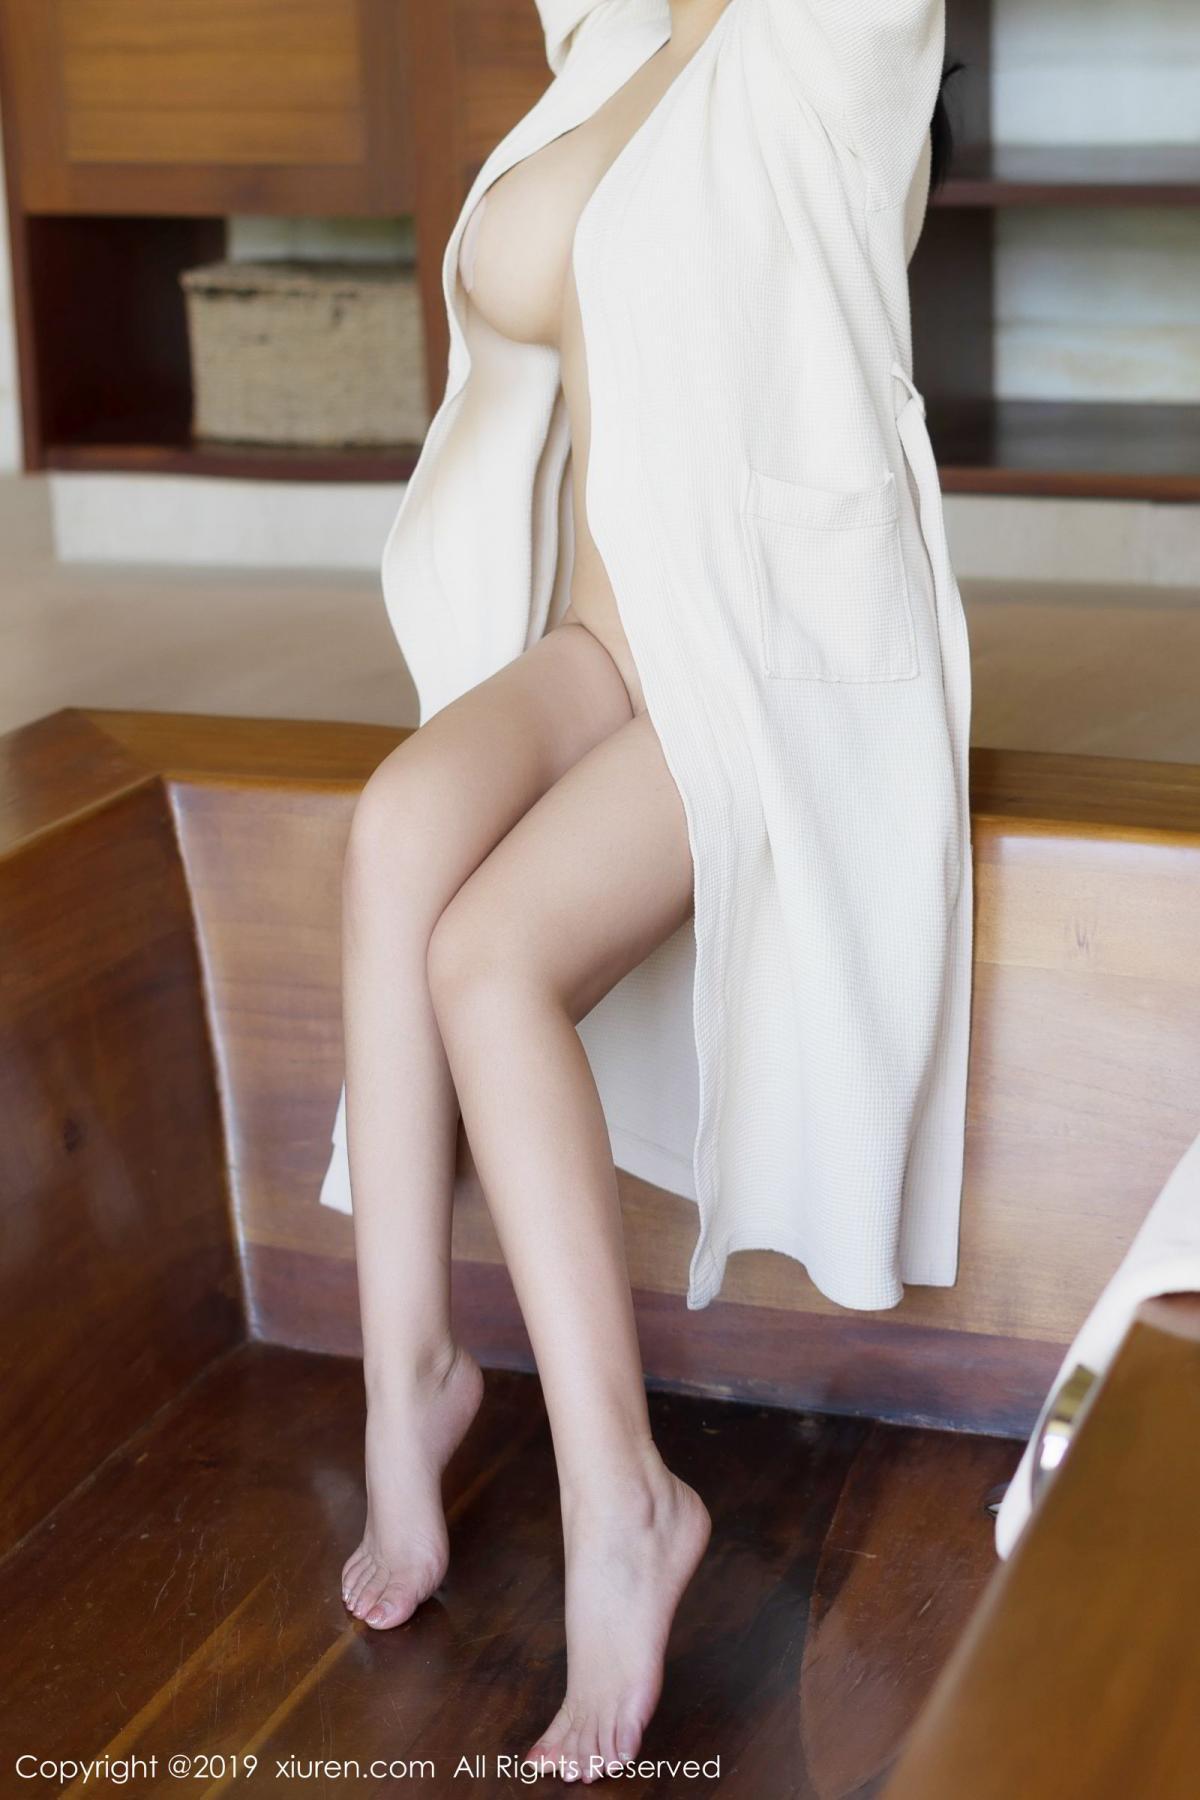 [XiuRen] Vol.1603 Lu Lu Xiao Miao 34P, Lu Lu Xiao Miao, Underwear, Xiuren